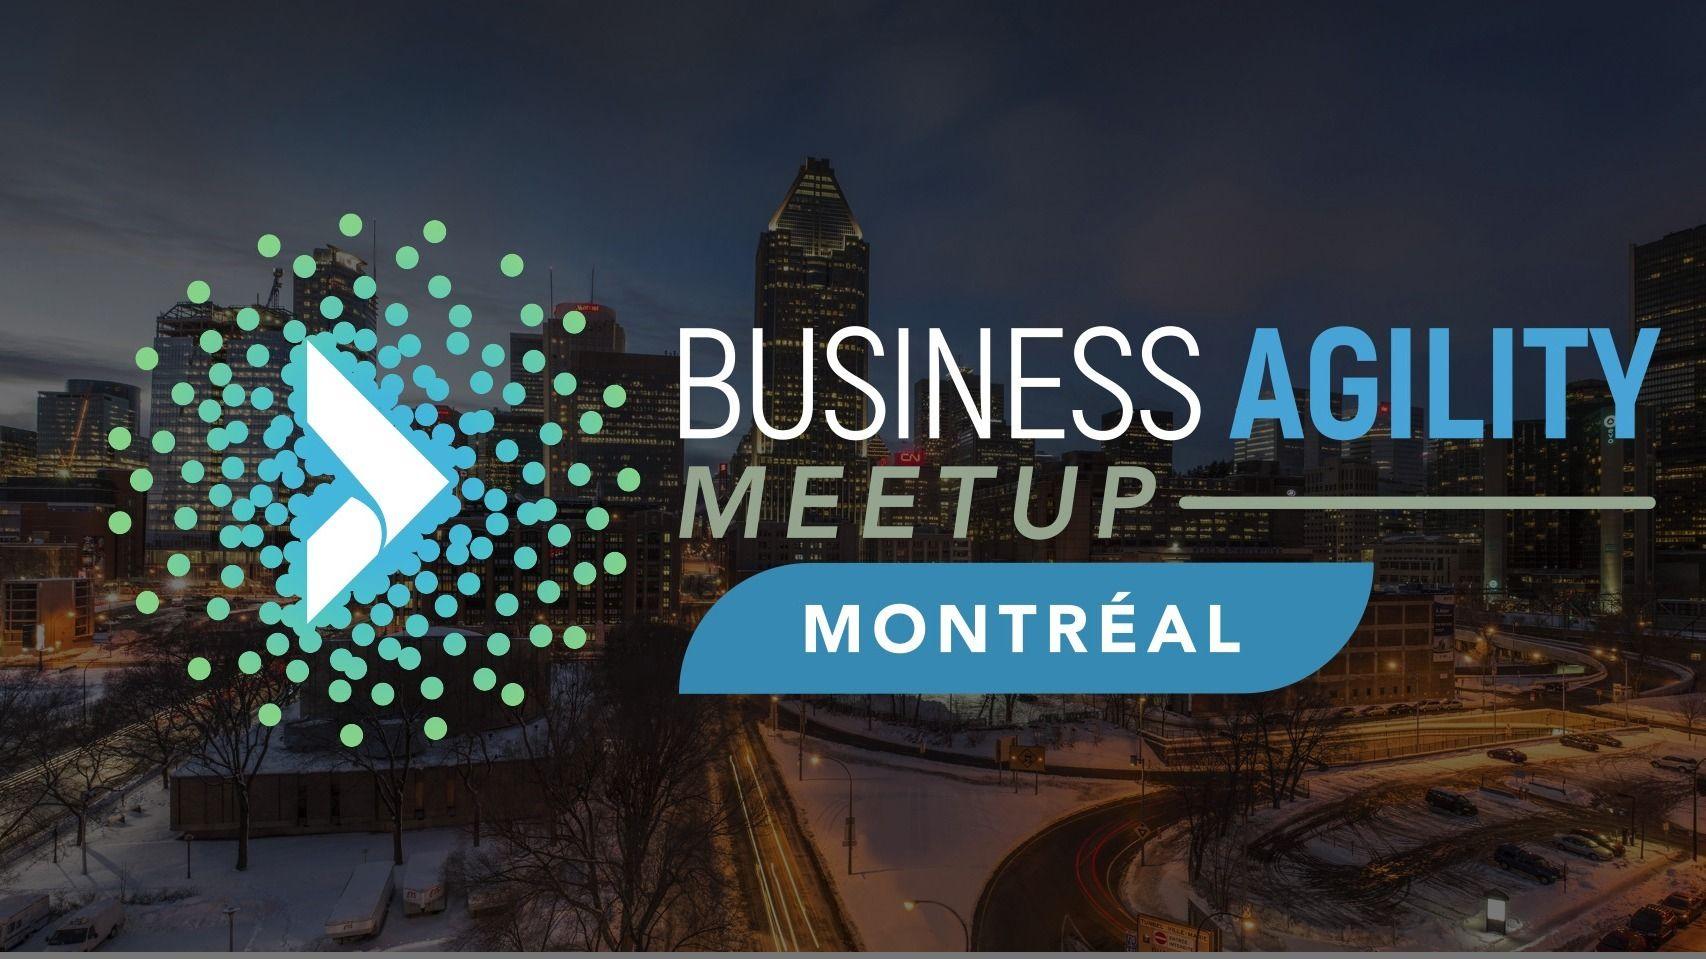 Business Agility Meetup - Montréal